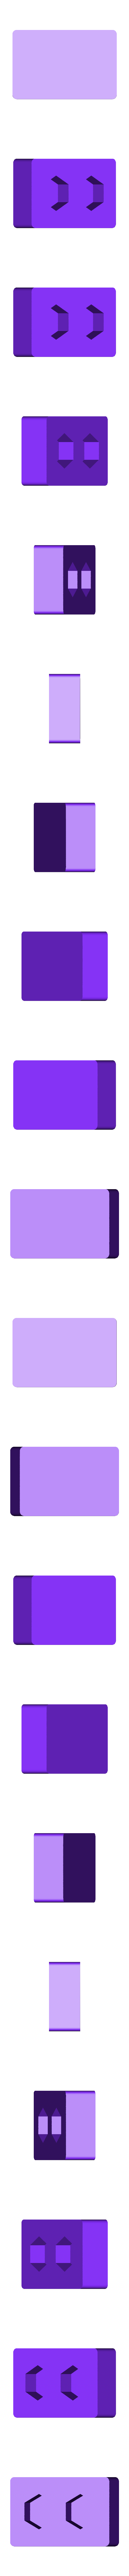 Scope_Clamp_Base.stl Télécharger fichier STL gratuit Platine de microscope USB et support de trépied • Design à imprimer en 3D, mechengineermike